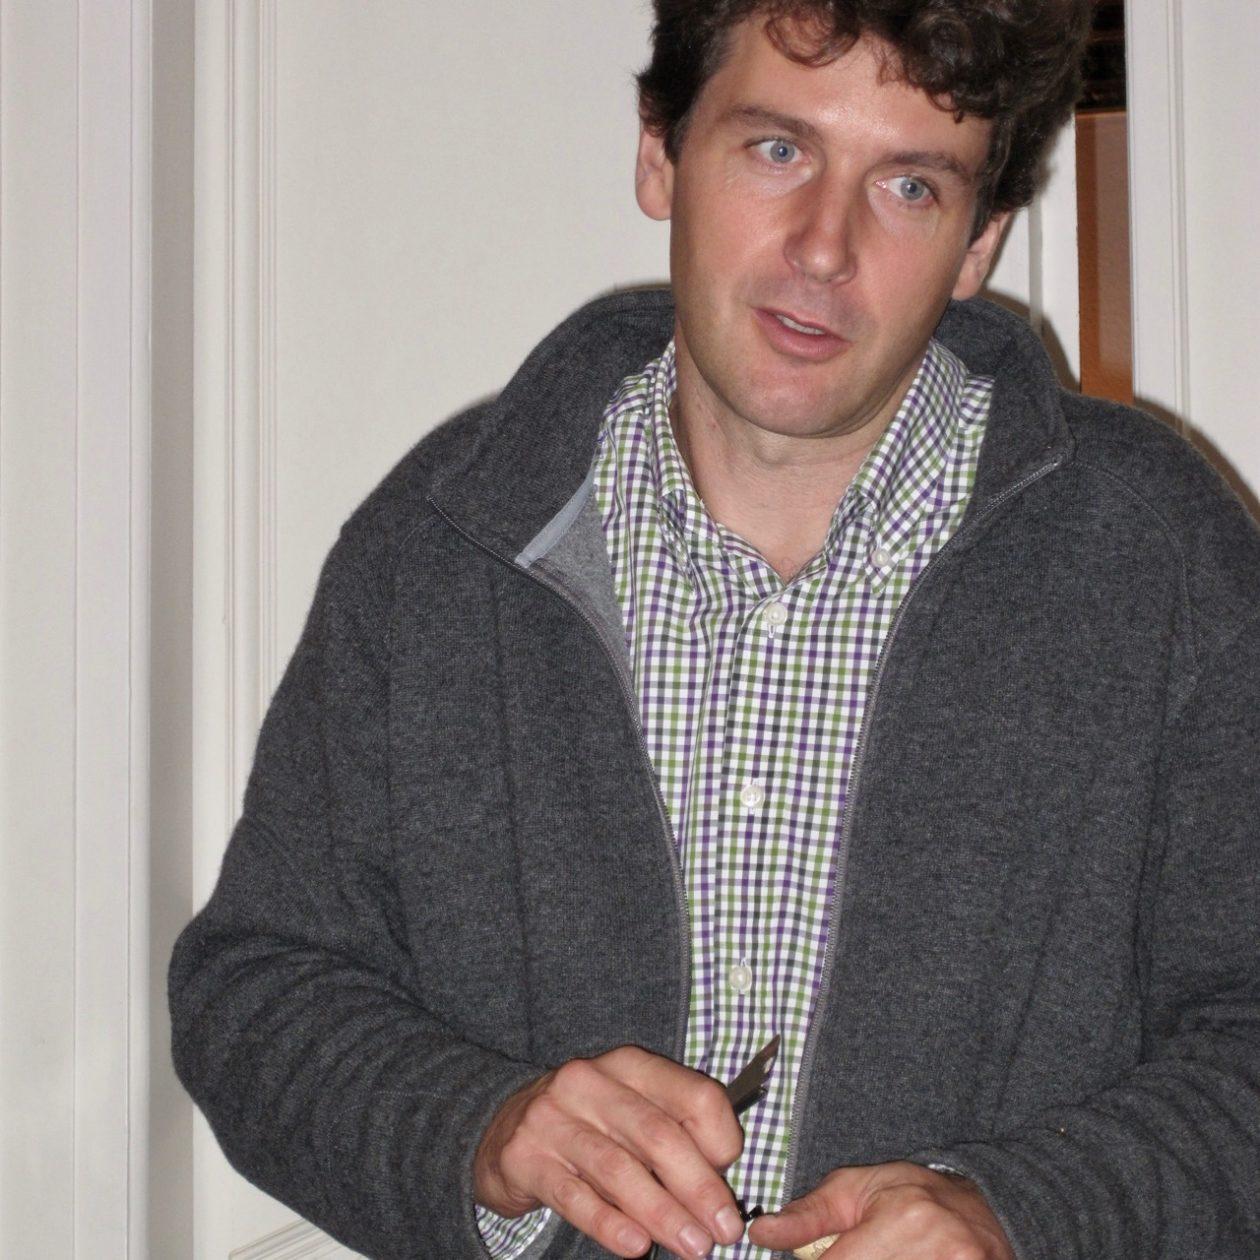 Martin Franzen, winemaker at Müller-Catoir